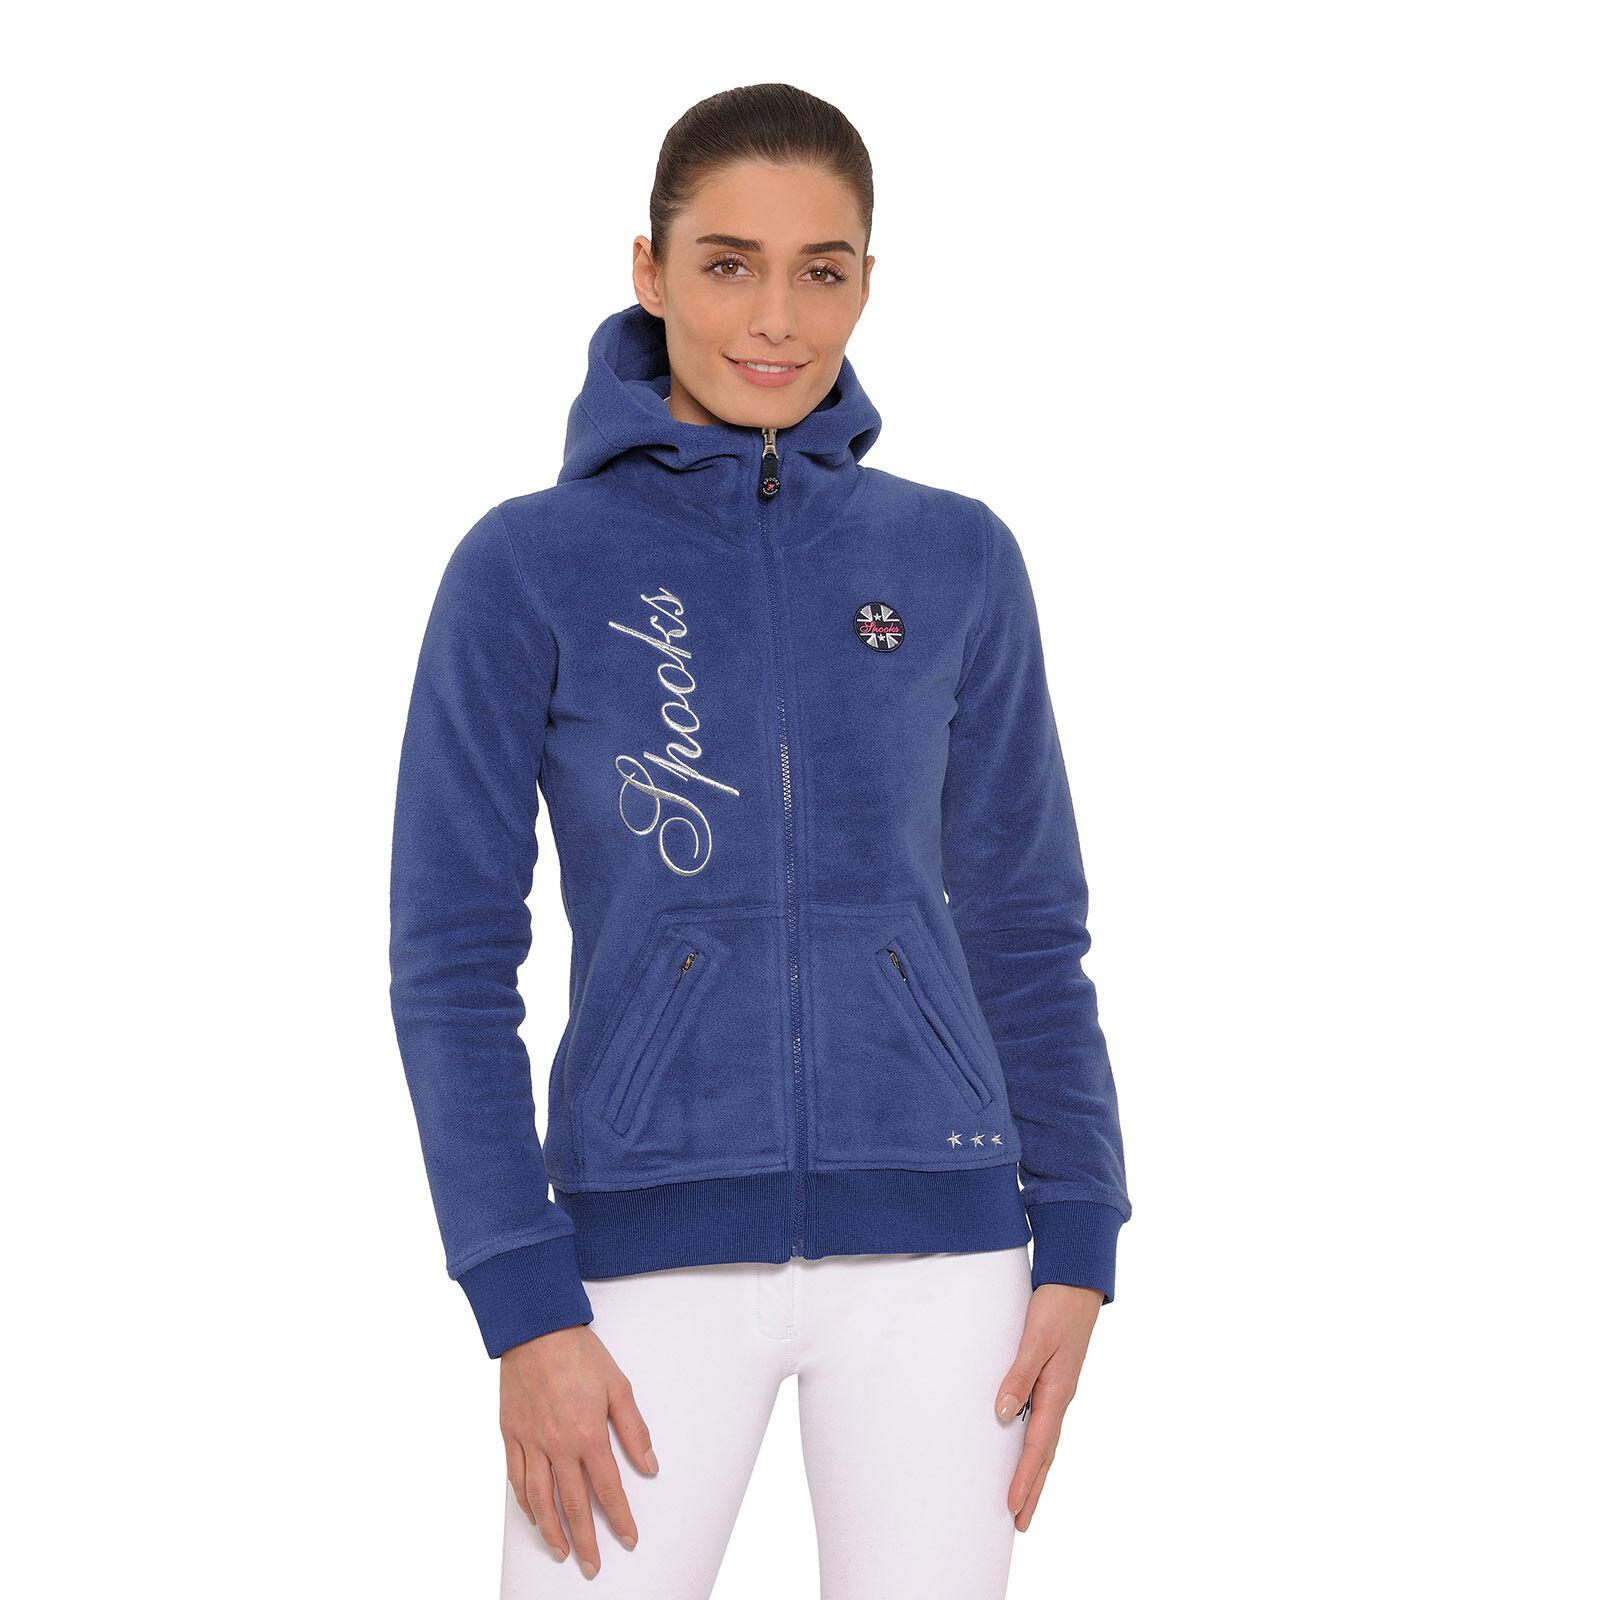 Spooks jacket hellblau